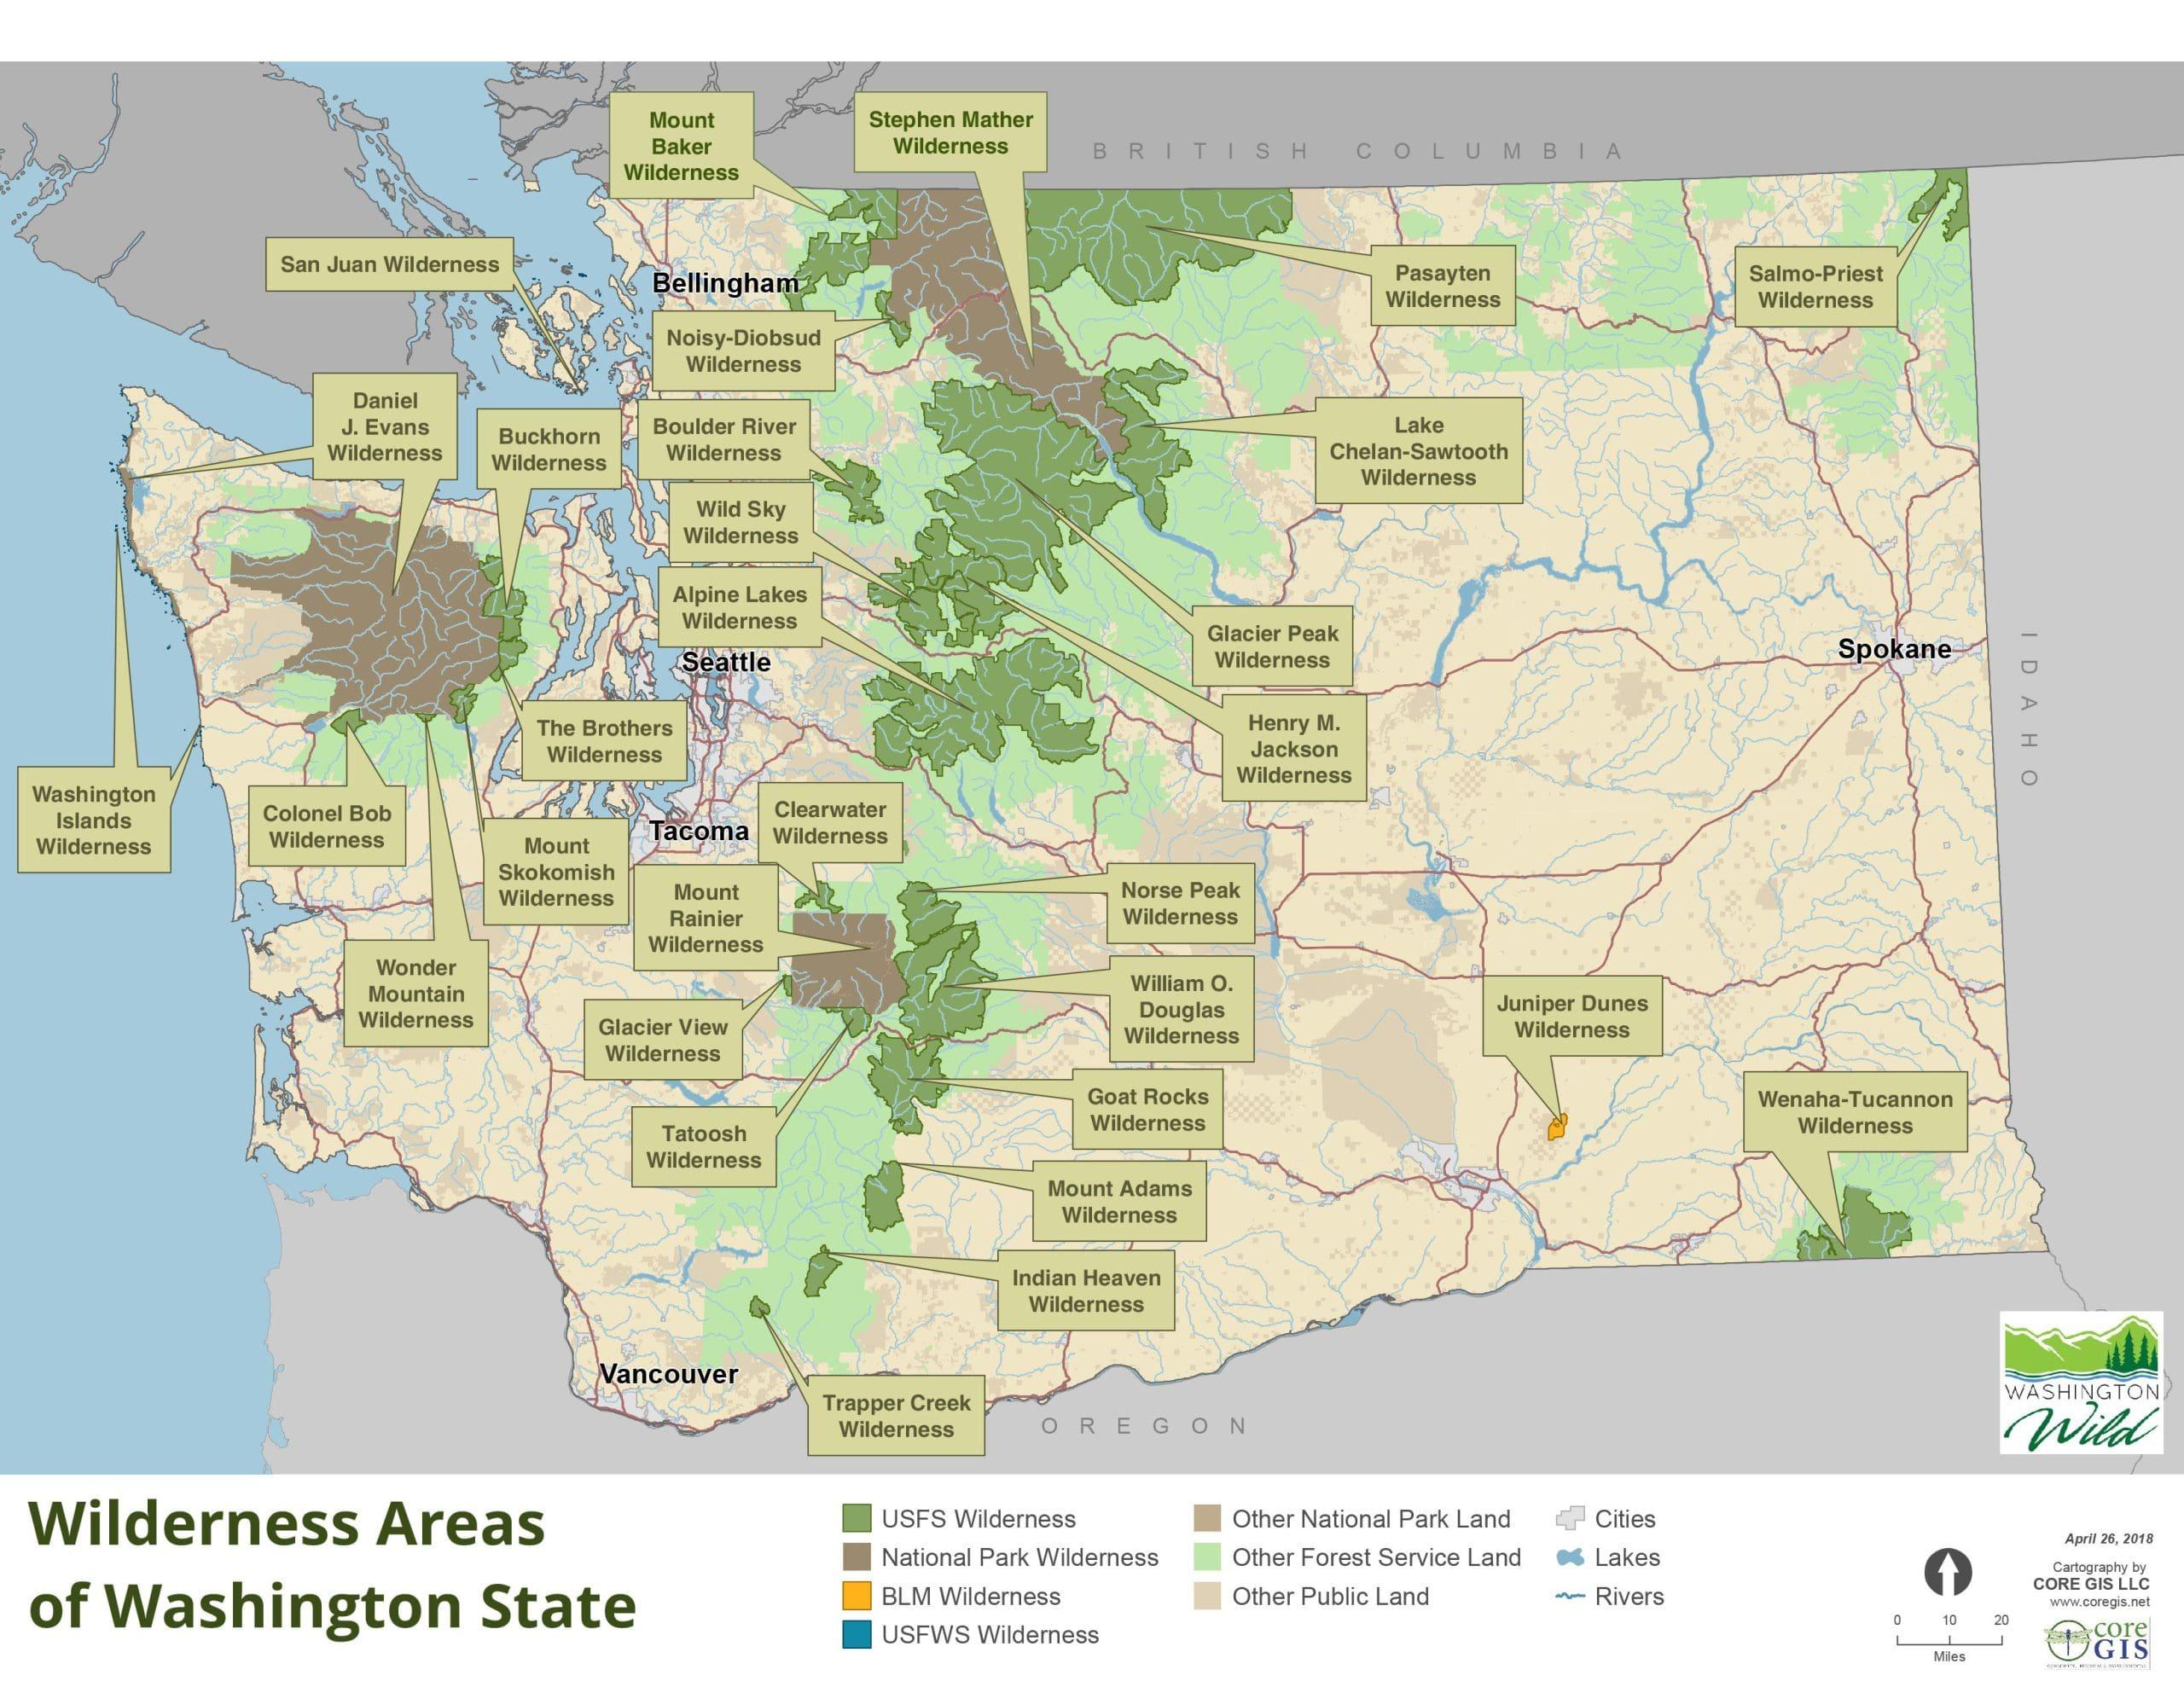 Washington Wild Explore Washington's Wilderness Areas ... on